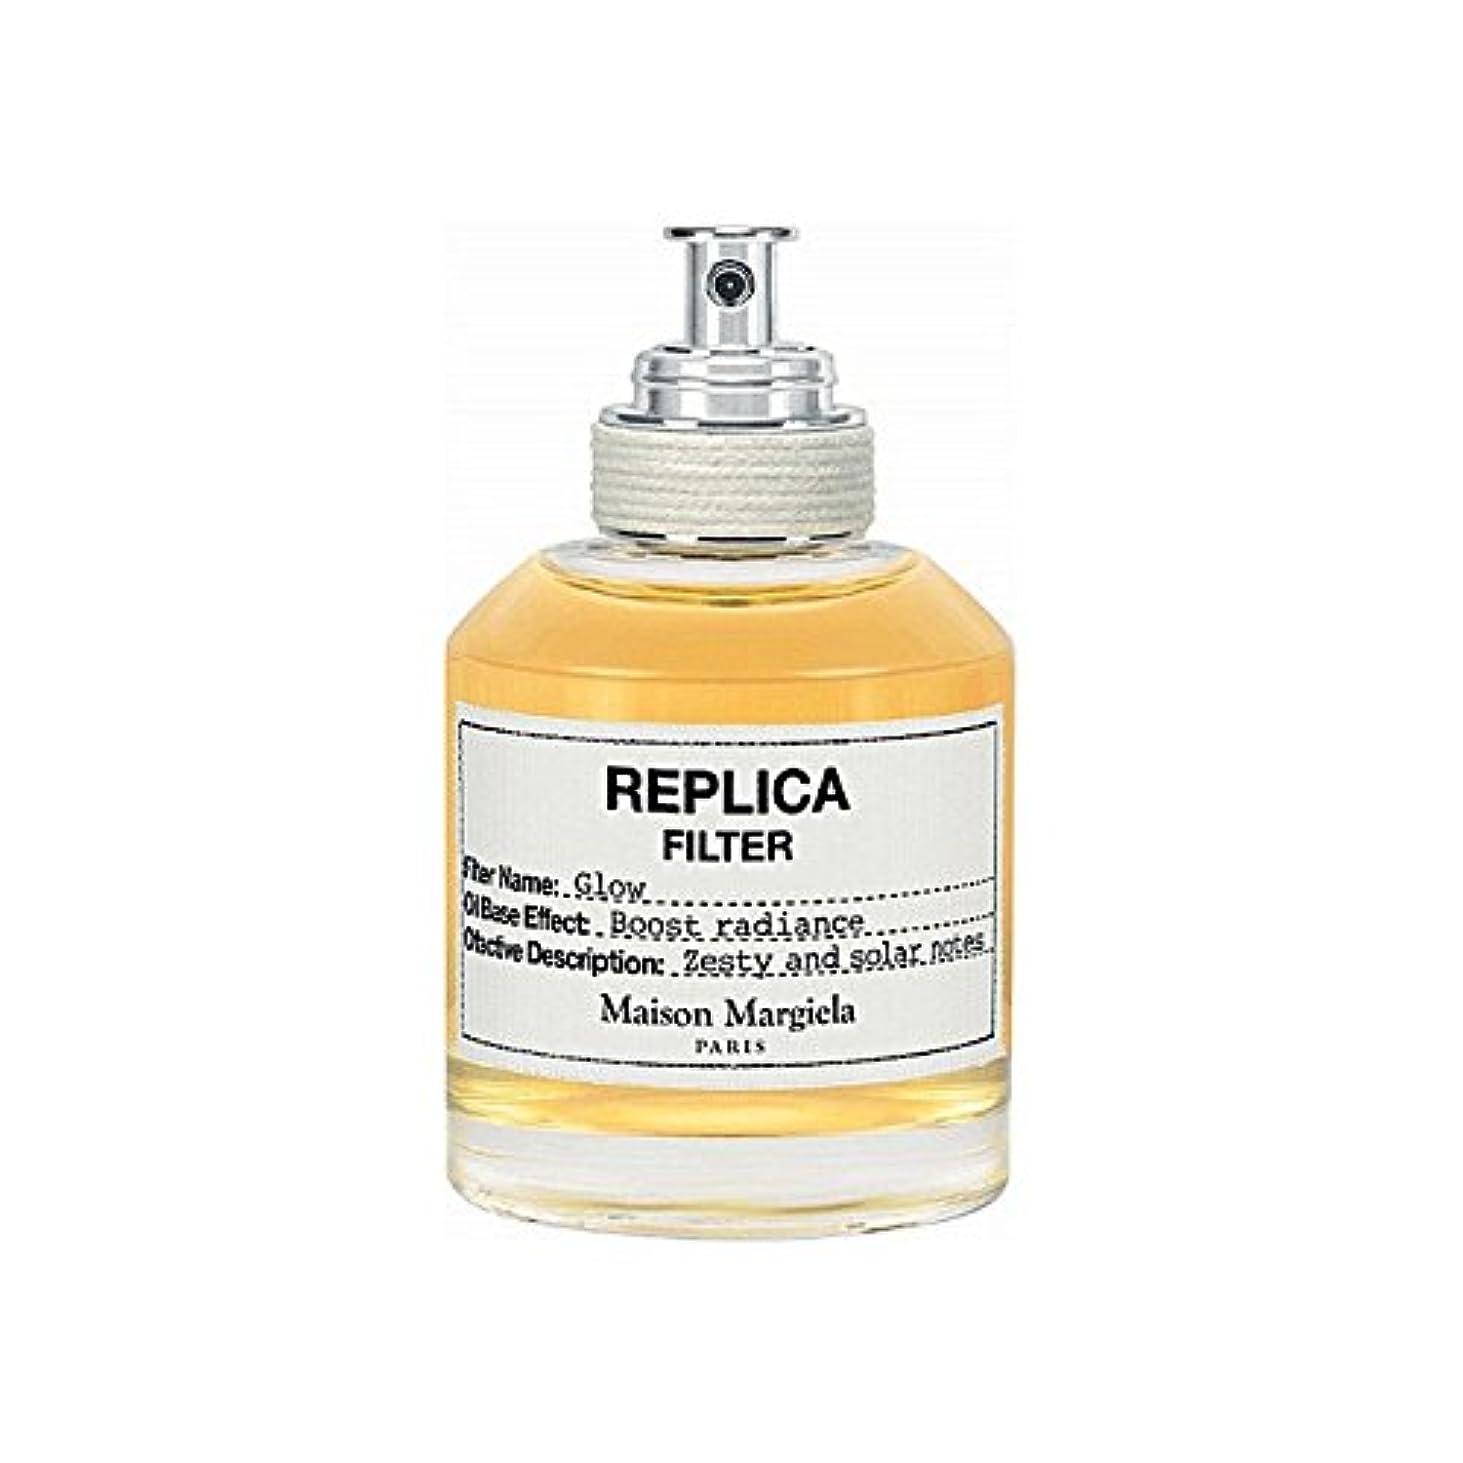 セールスマンピット取得Maison Margiela Glow Replica Filter 50ml (Pack of 6) - メゾンマルジェラグローレプリカフィルタ50ミリリットル x6 [並行輸入品]